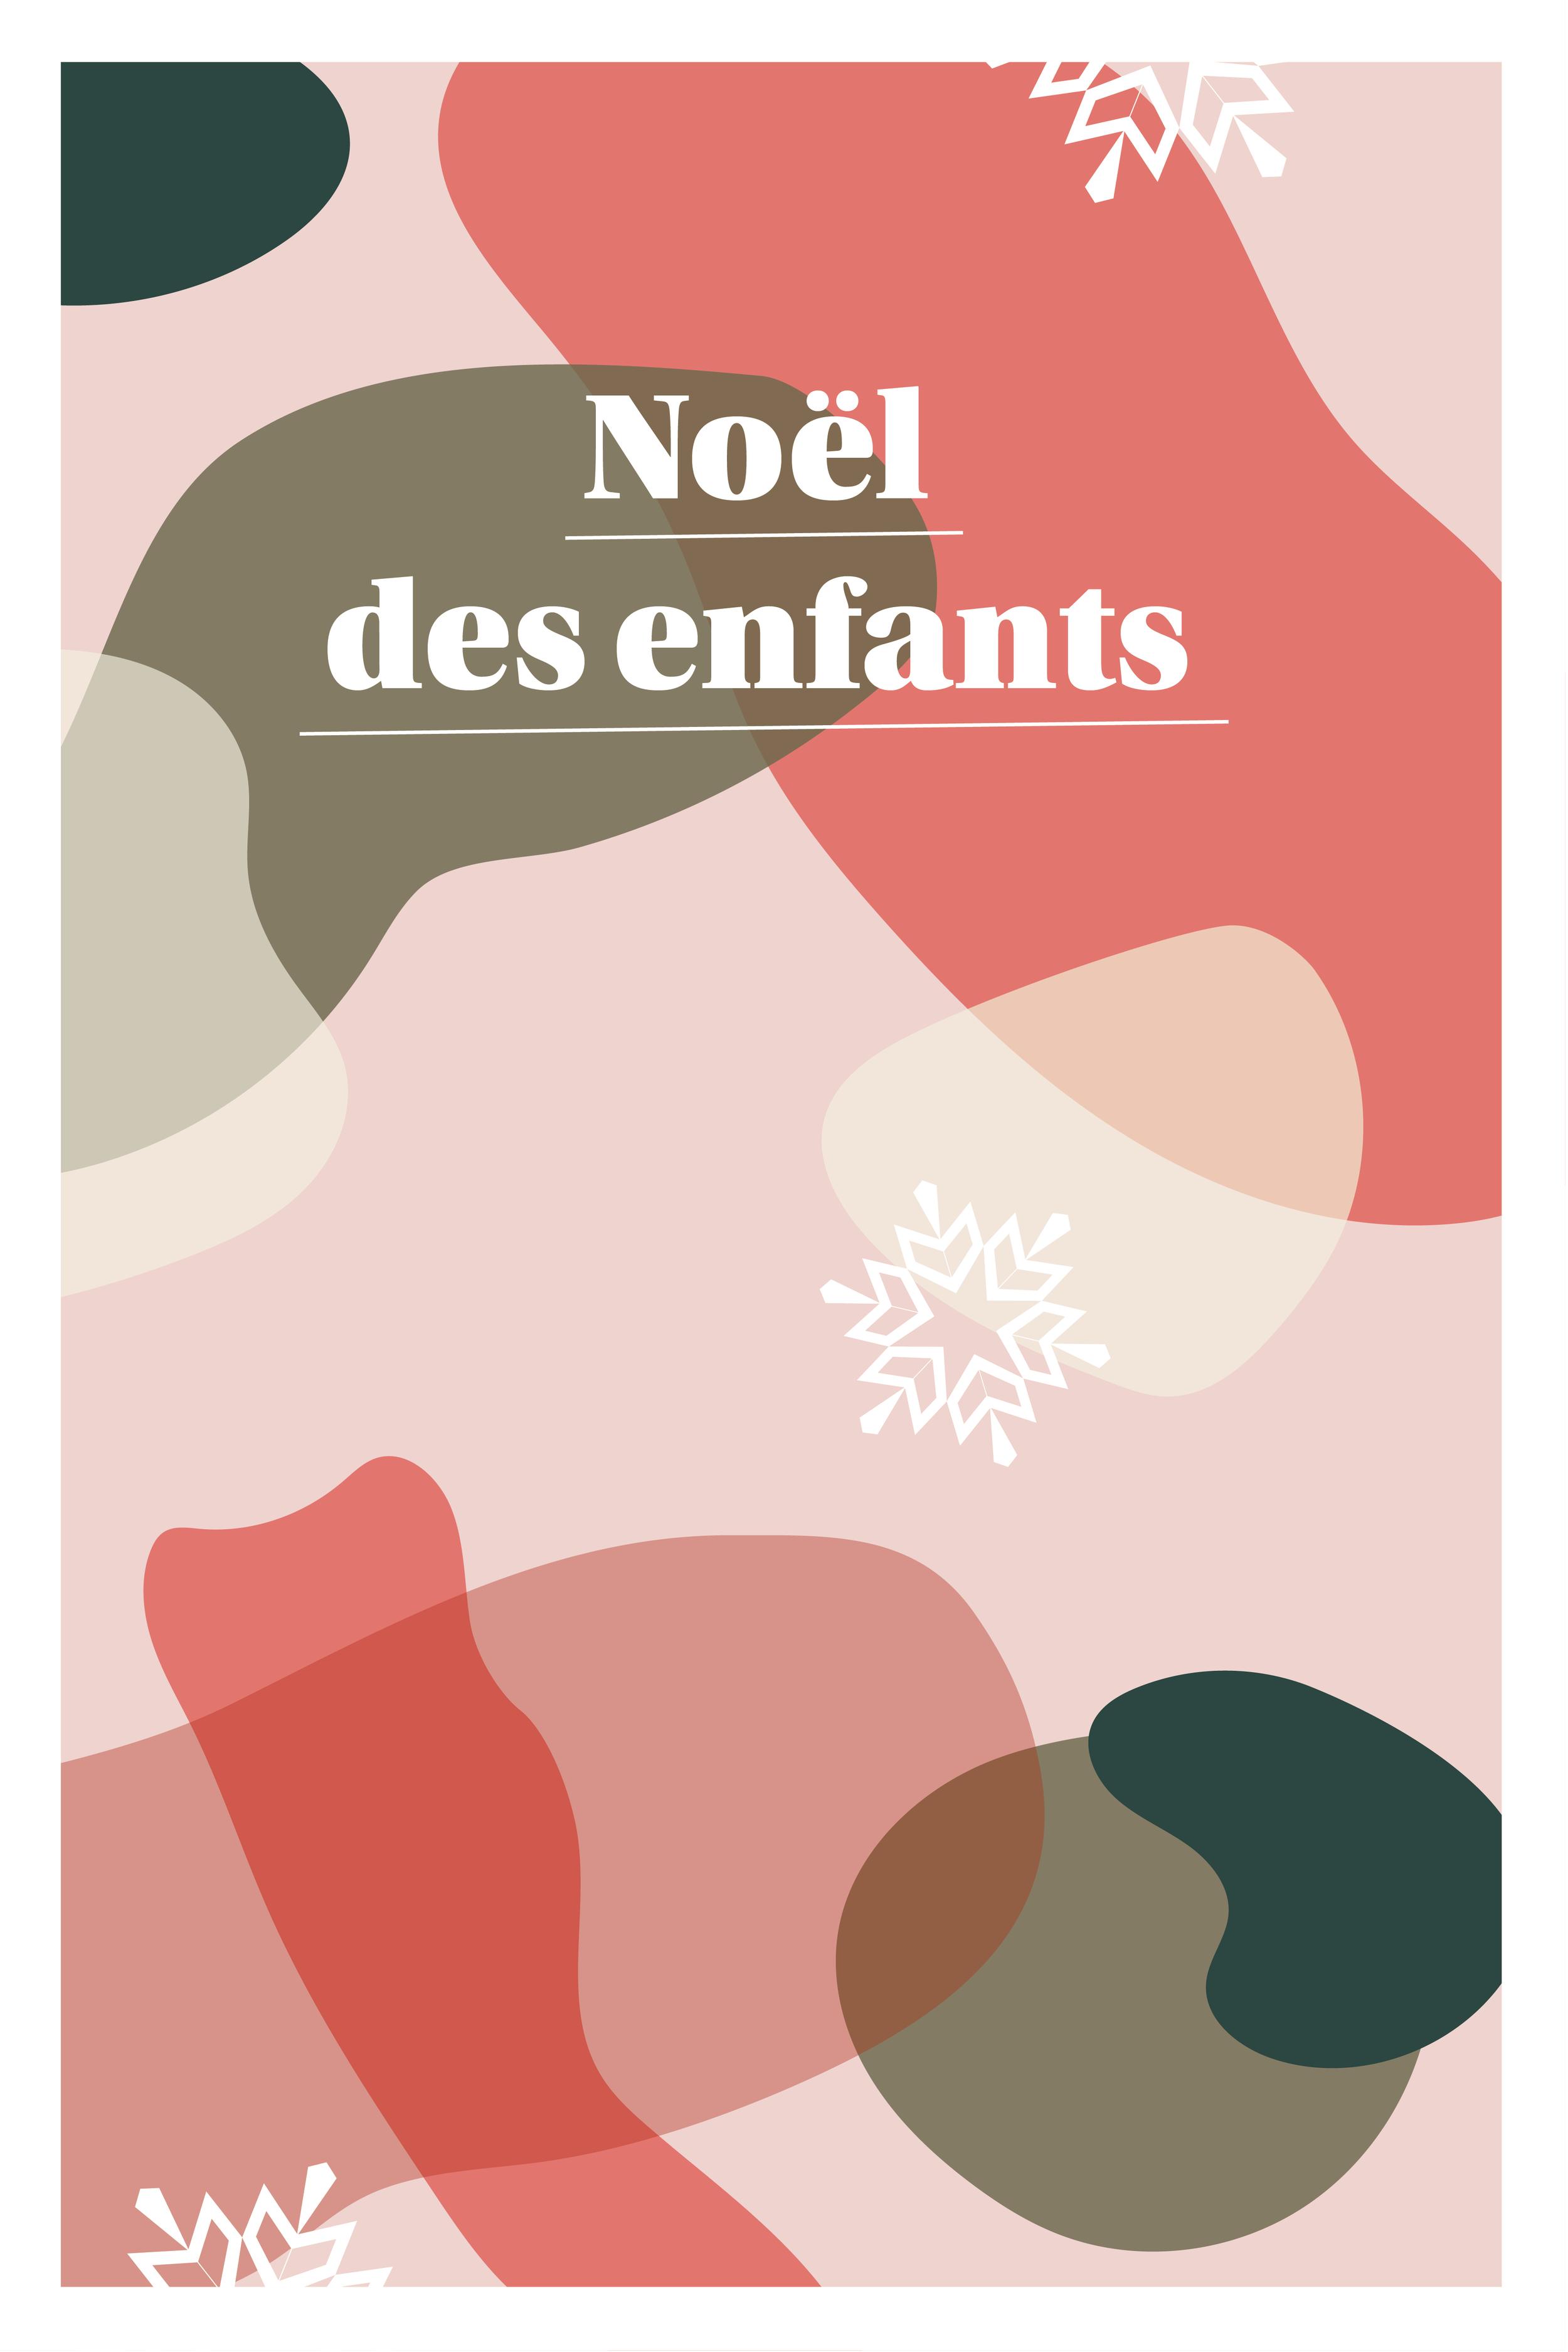 NOel_Enfants-01.png